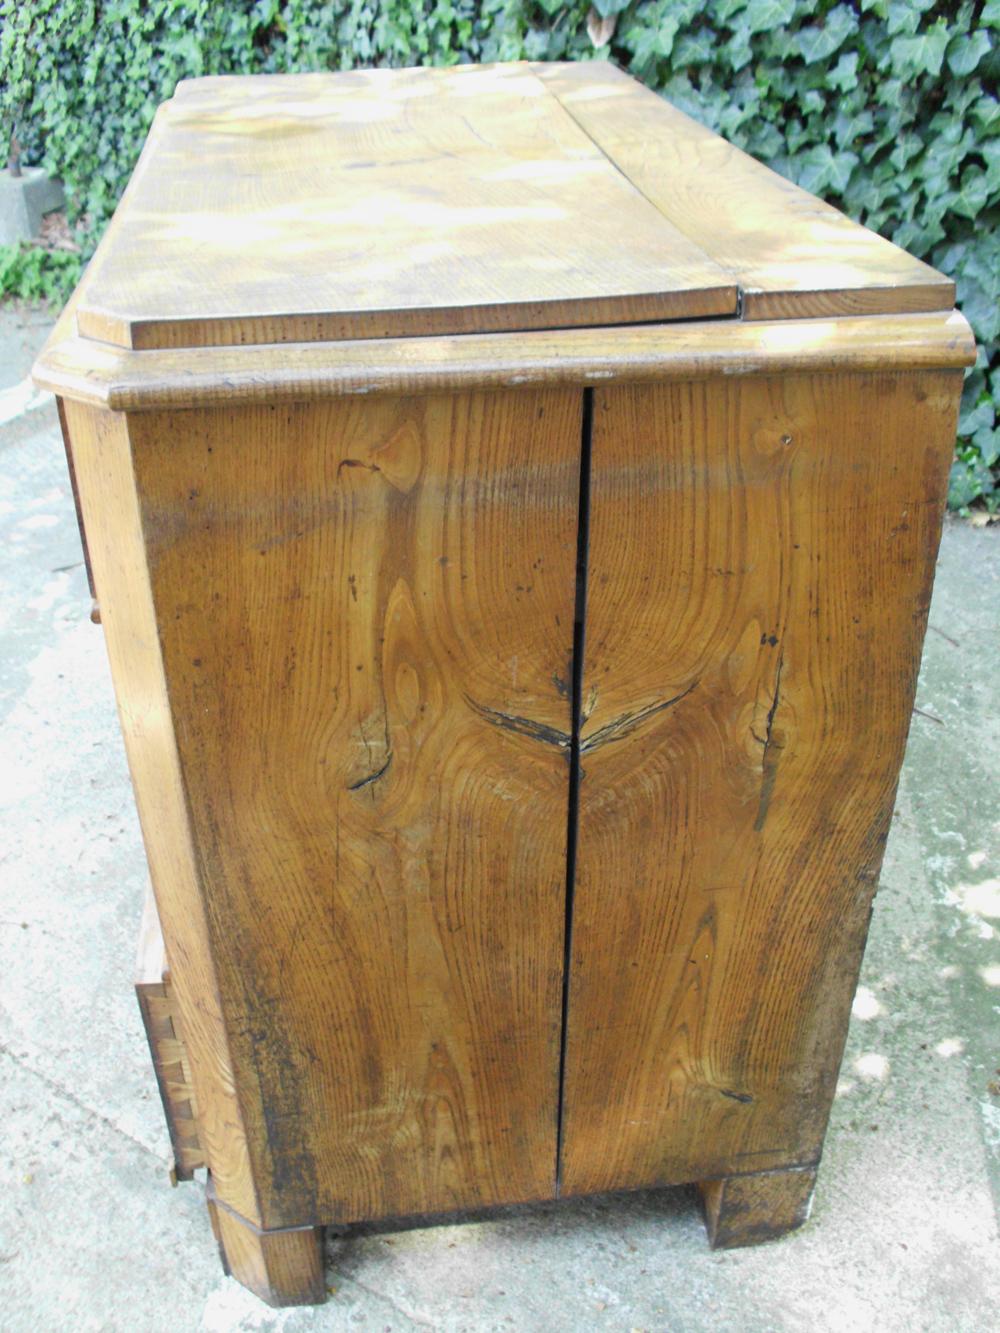 Tischlerei-Werkstatt für Restauration/ Aufbereitung antiker Möbel ...